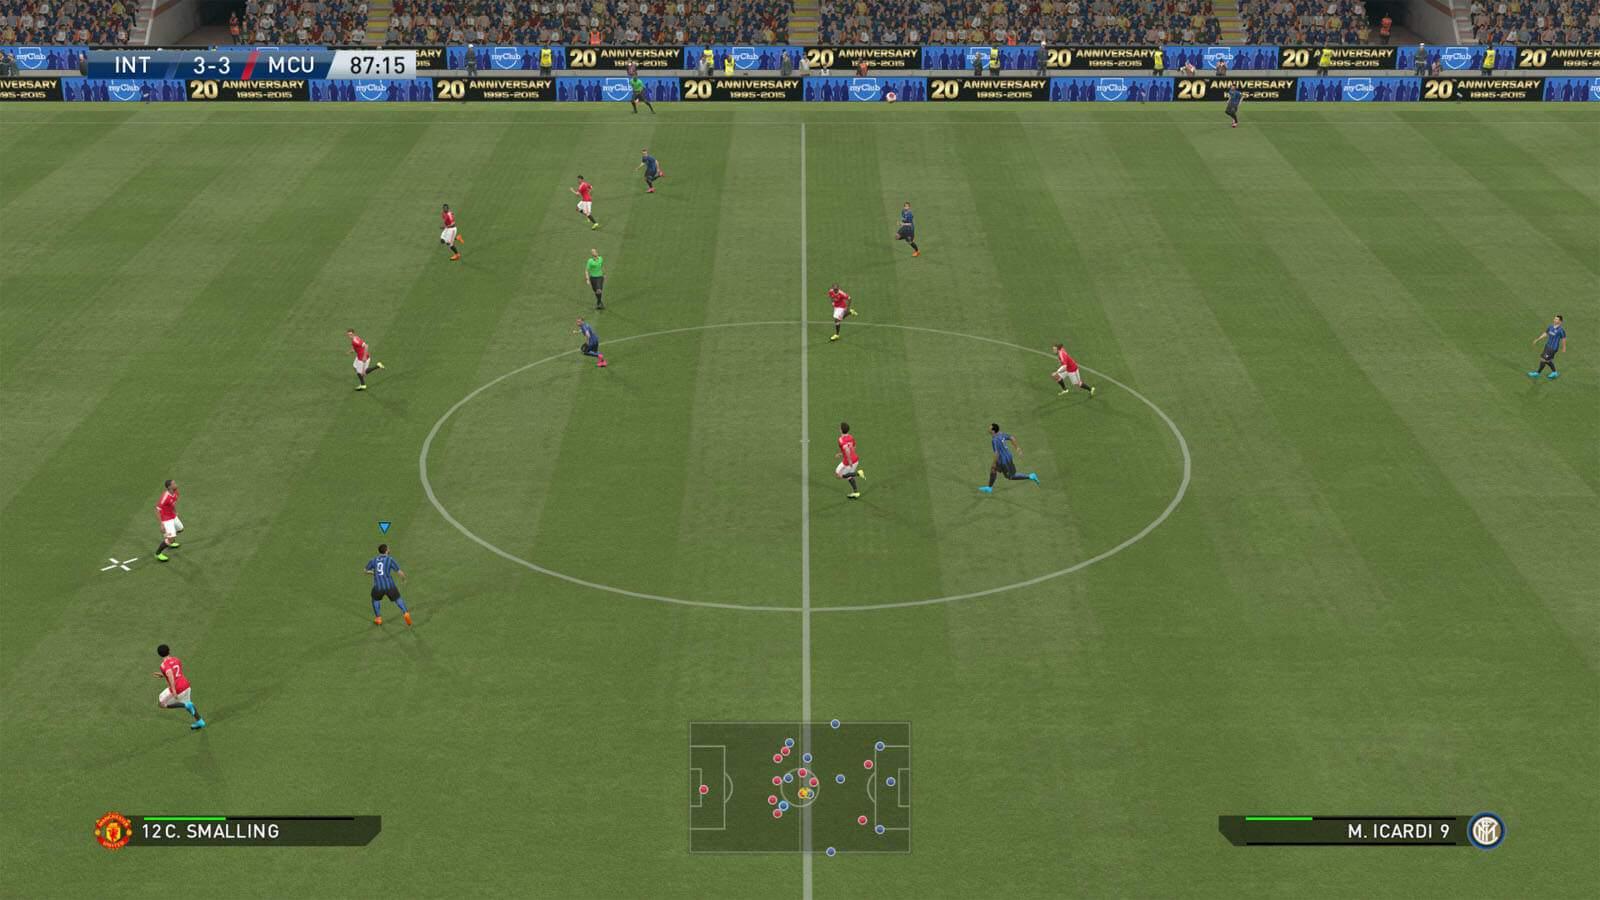 تحميل لعبة PES 2016 مضغوطة كاملة بروابط مباشرة مجانا